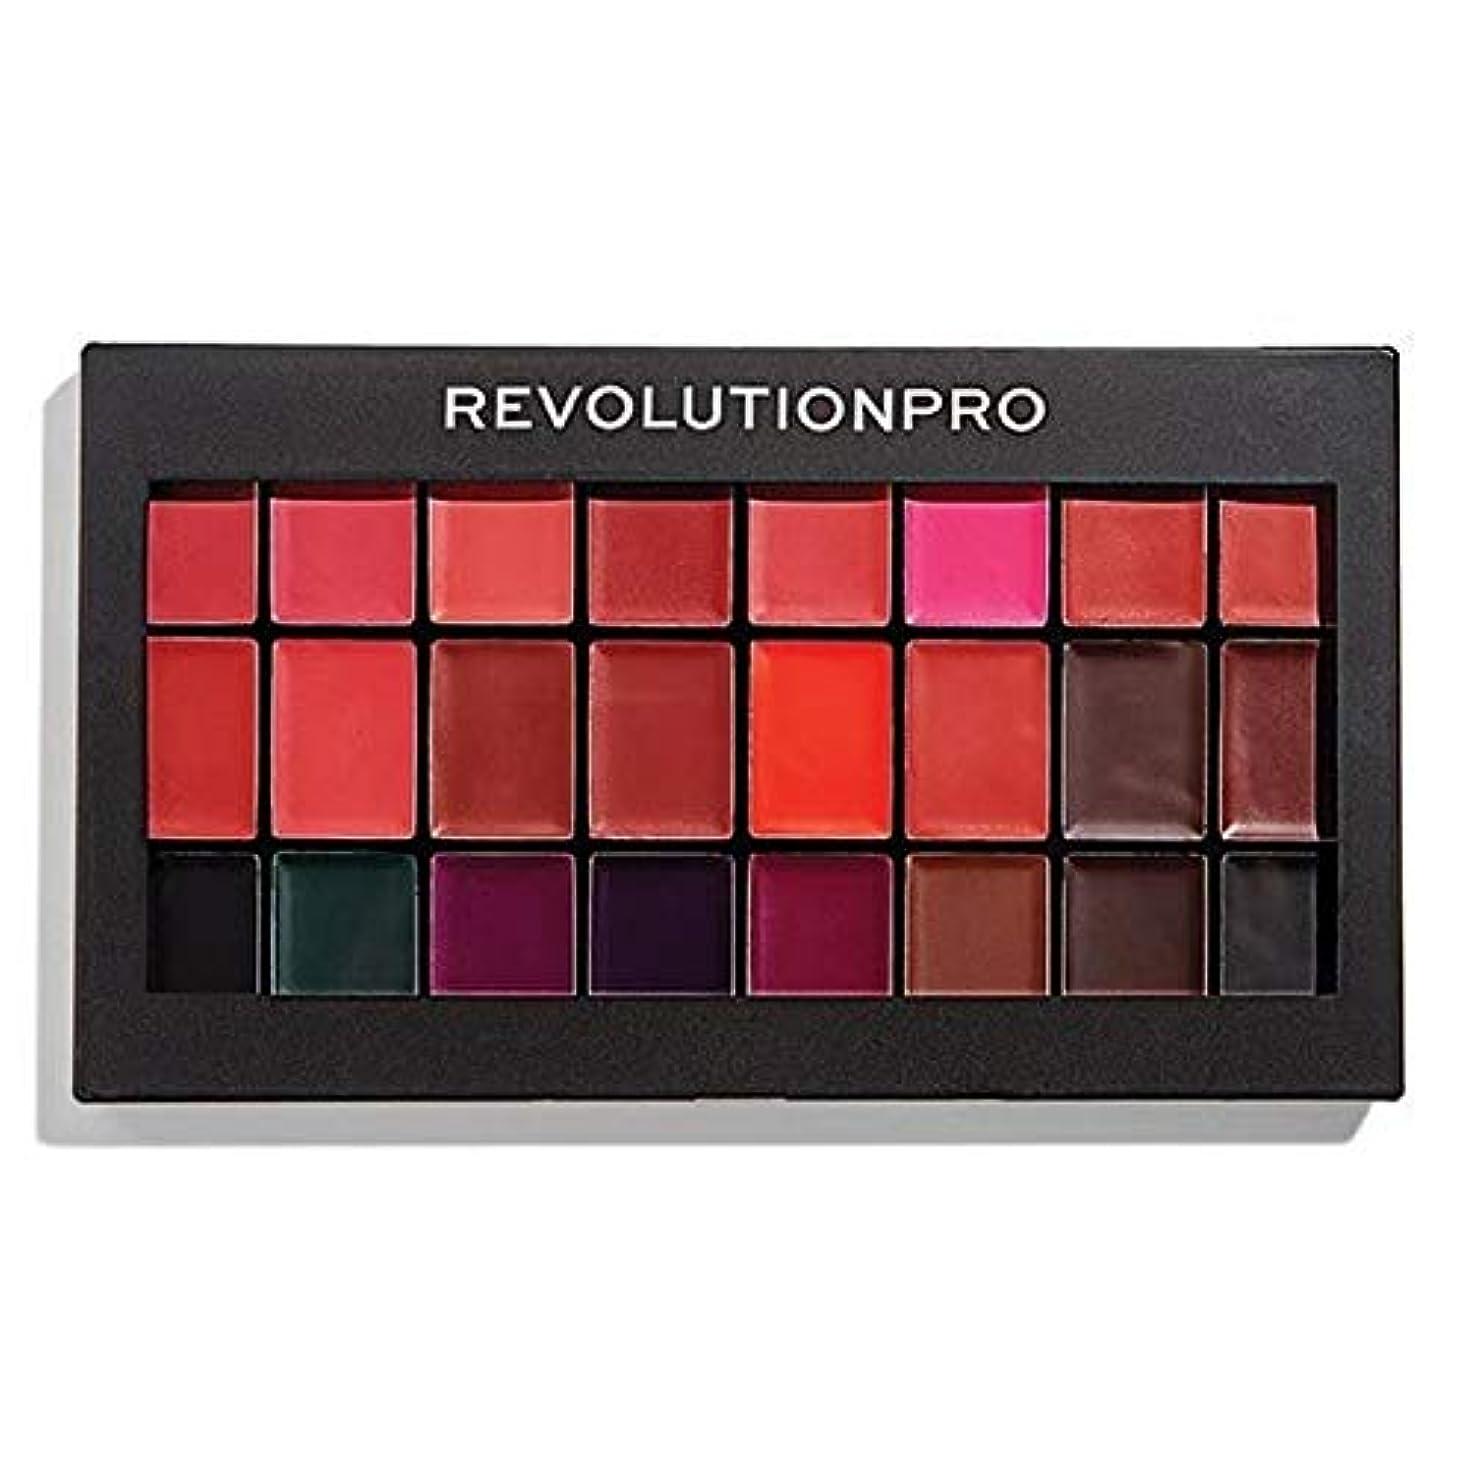 ソケット地平線キャメル[Revolution ] 革命プロ口紅キット赤&Vamps - Revolution Pro Lipstick Kit Reds & Vamps [並行輸入品]